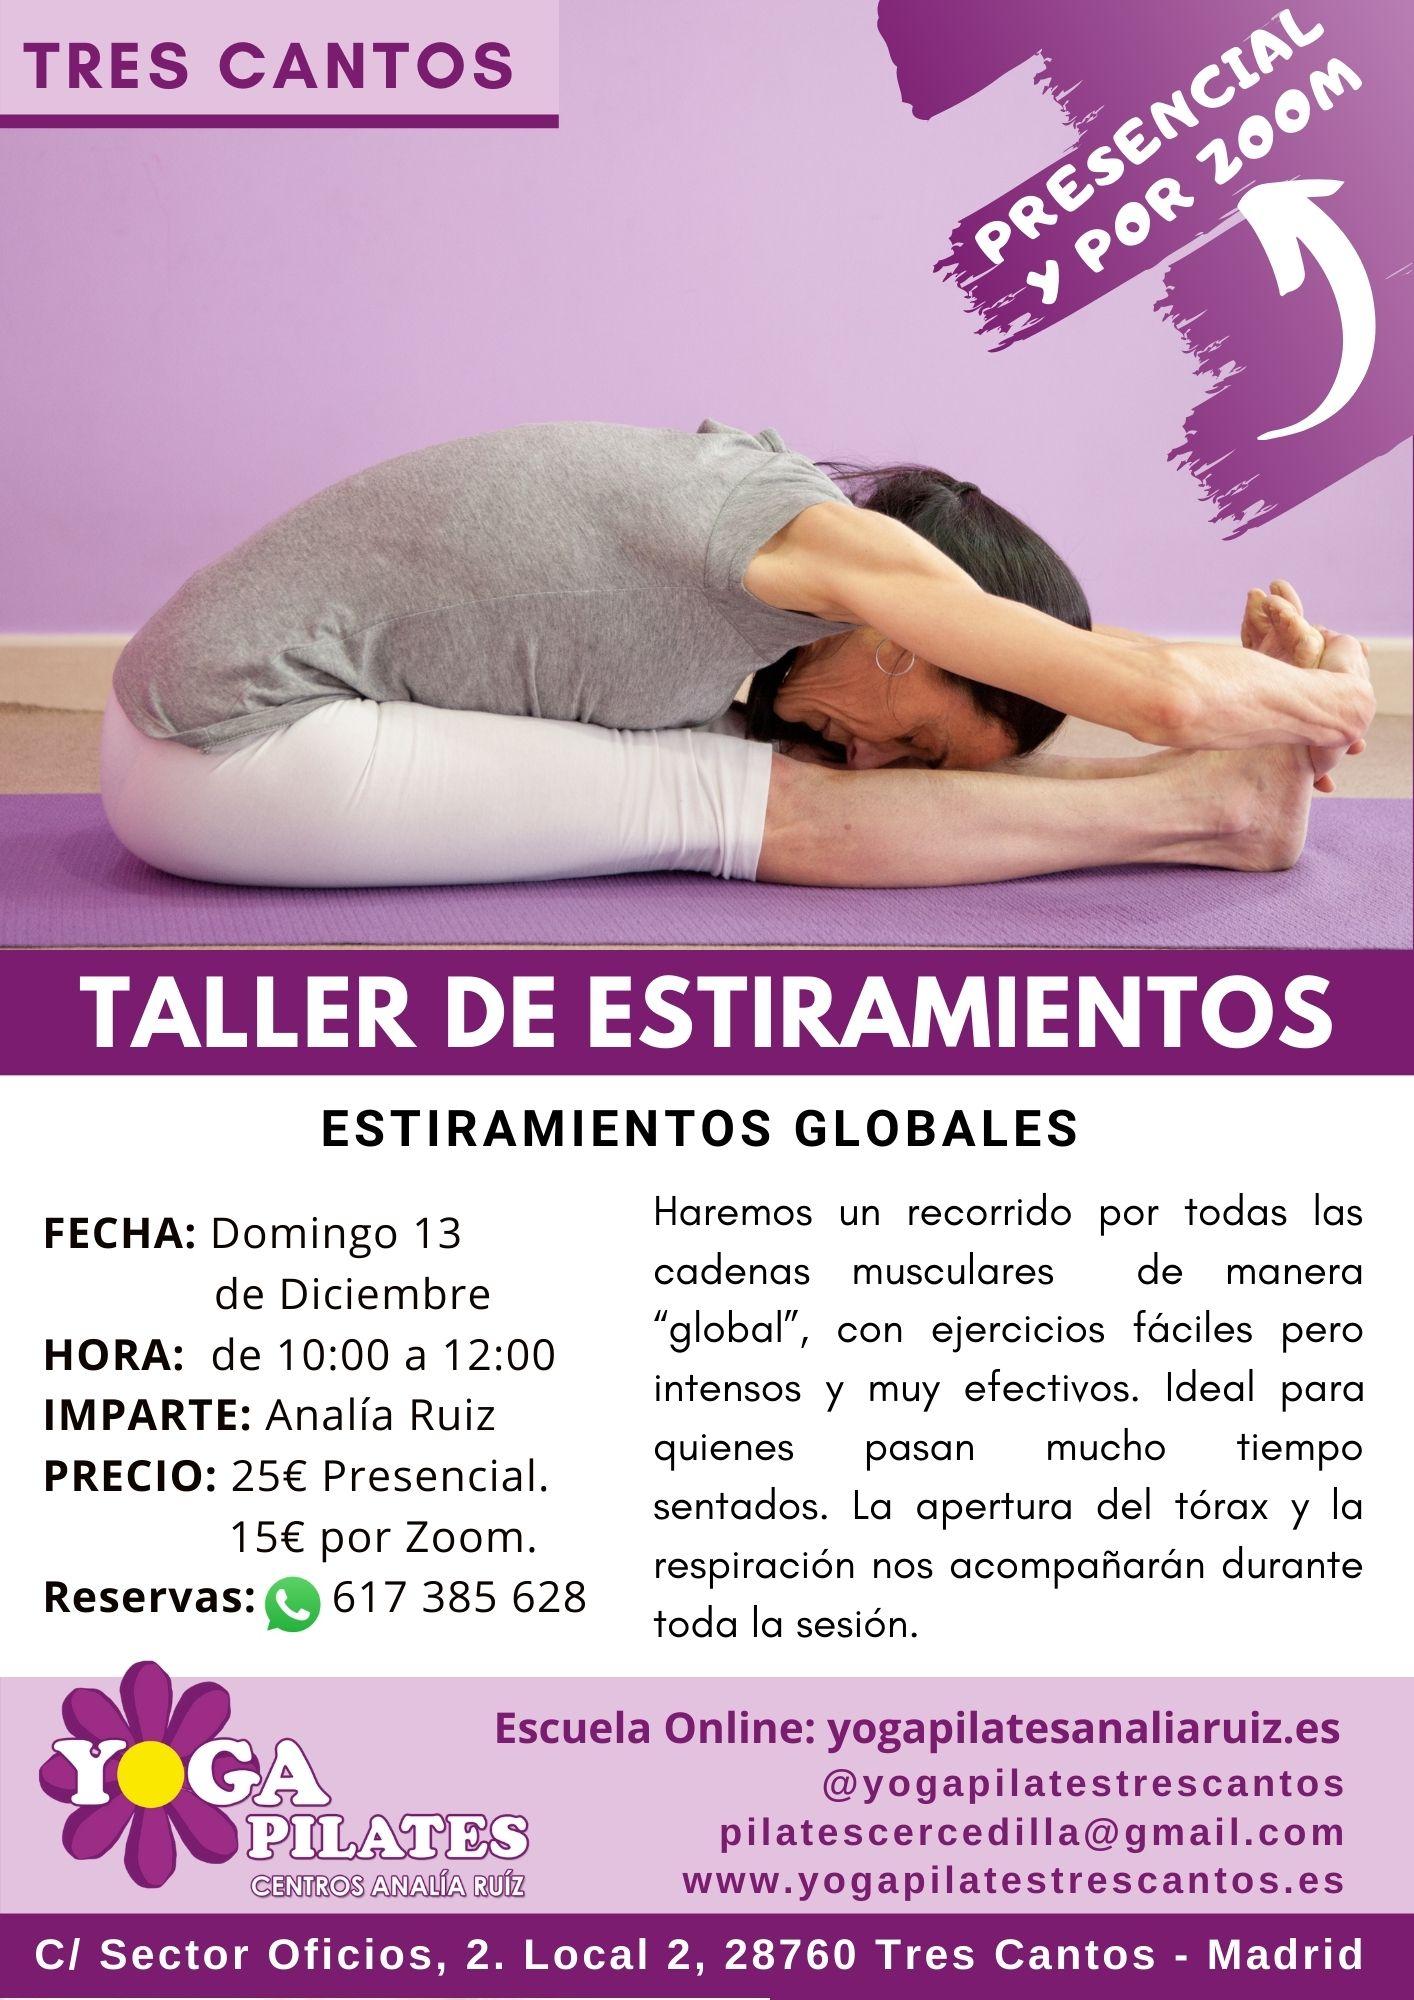 taller de estiramientos en yoga pilates tres cantos